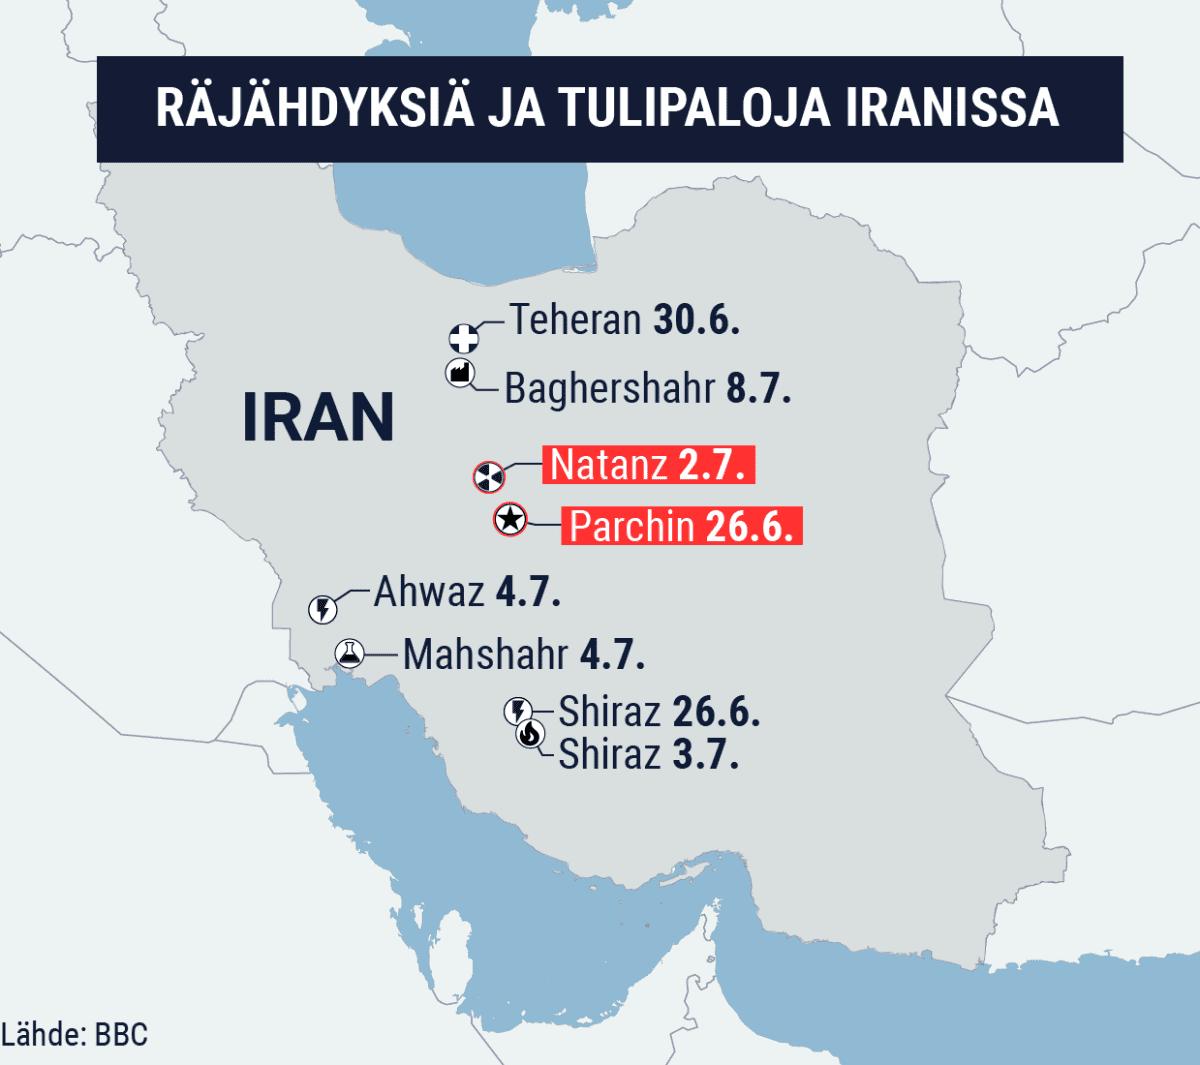 Infokartta Iranissa tapahtuneista räjähdyksistä ja tulipaloista.